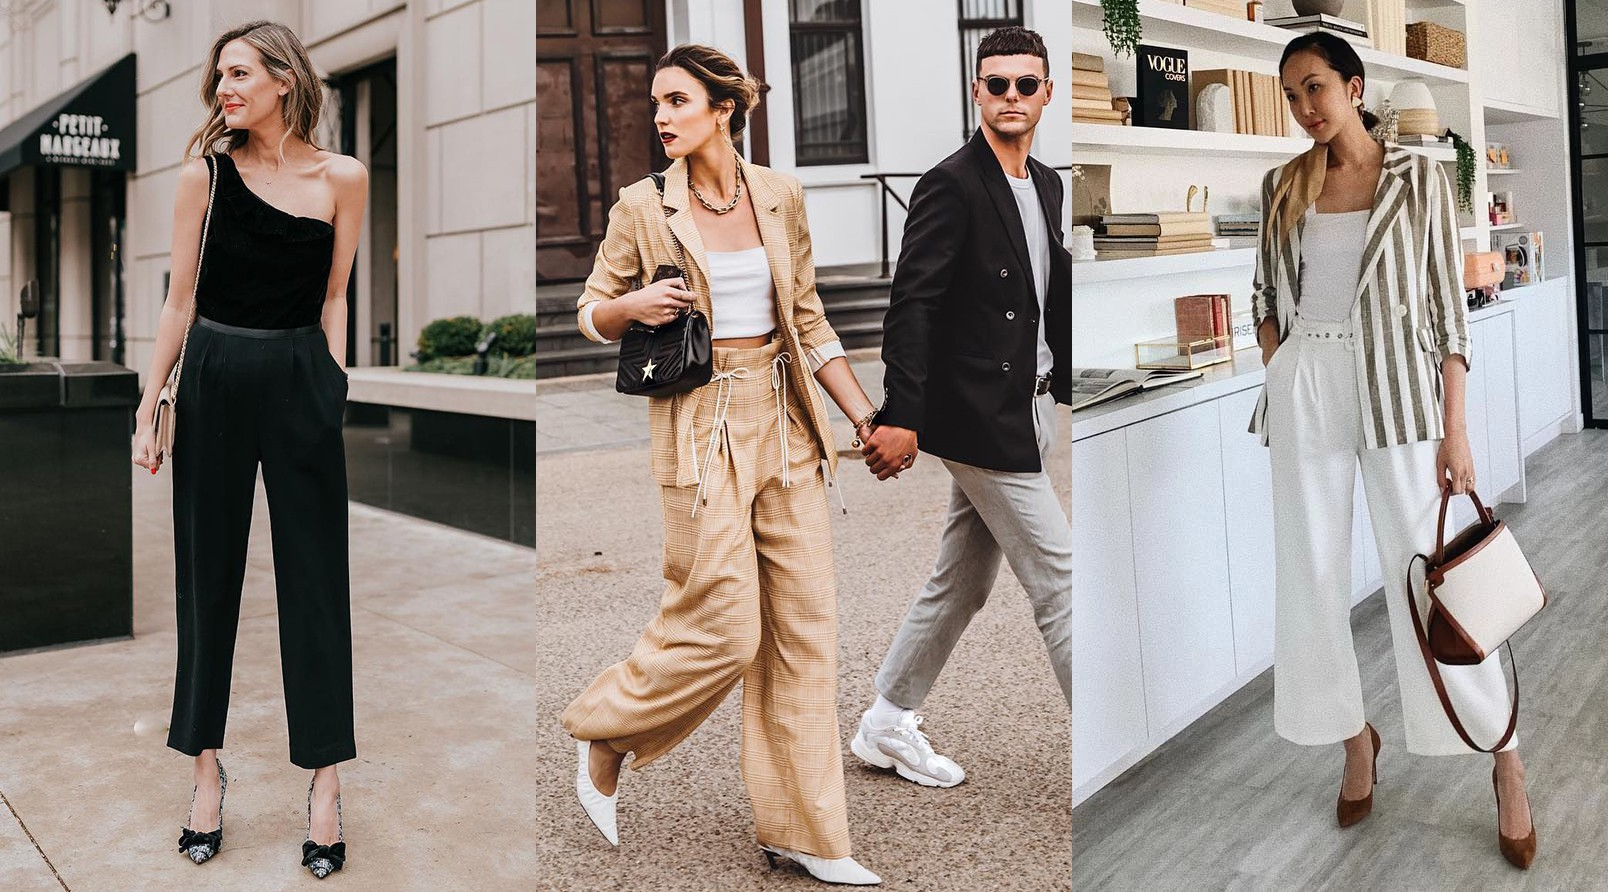 Sắm giày mùa sale: 6 kiểu nên và không nên mua mà chị em công sở cần biết nhất lúc này - Ảnh 6